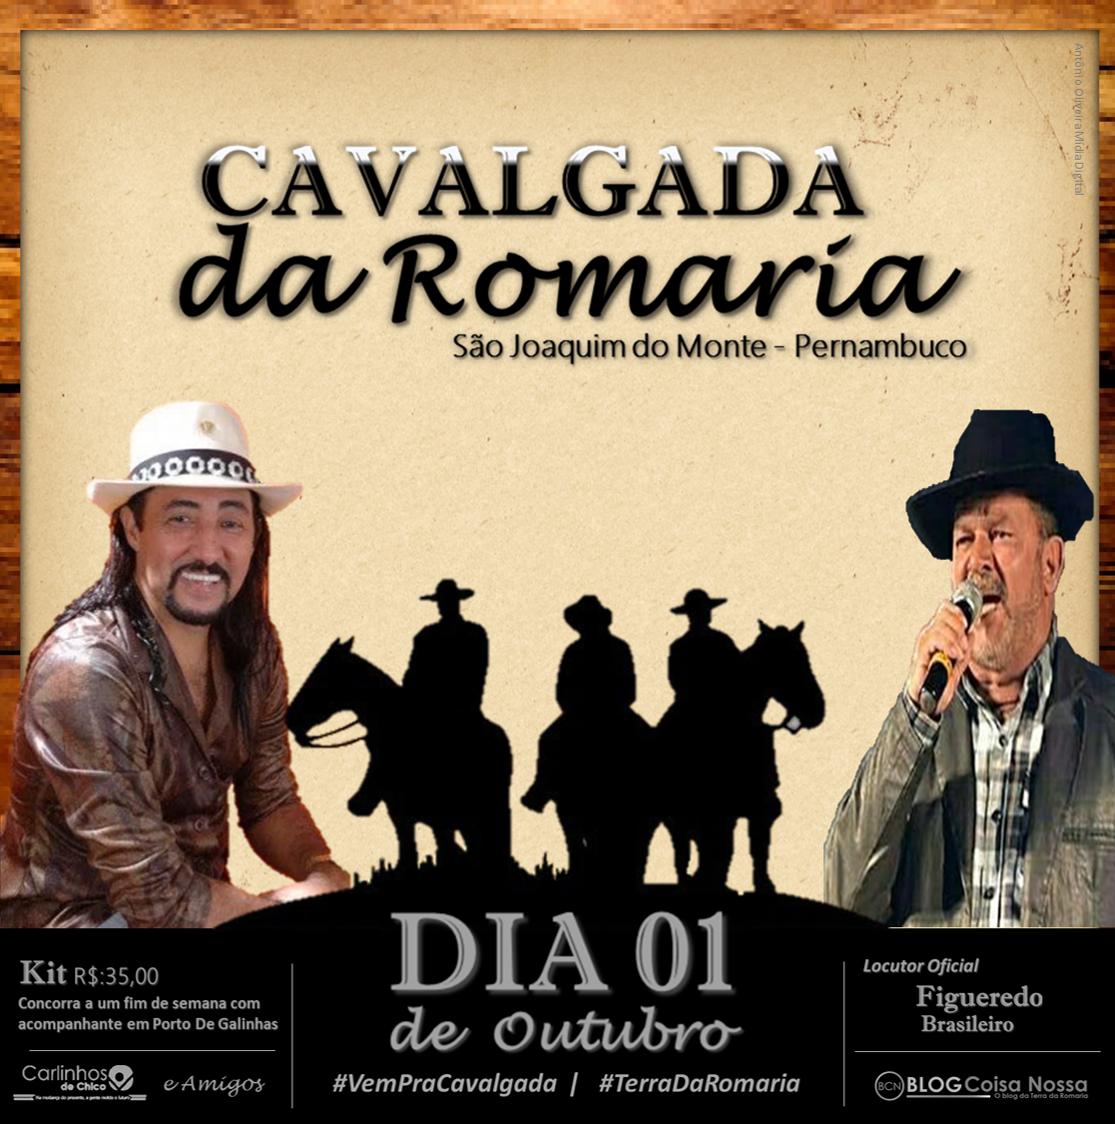 CAVALGADA DA ROMARIA 2017